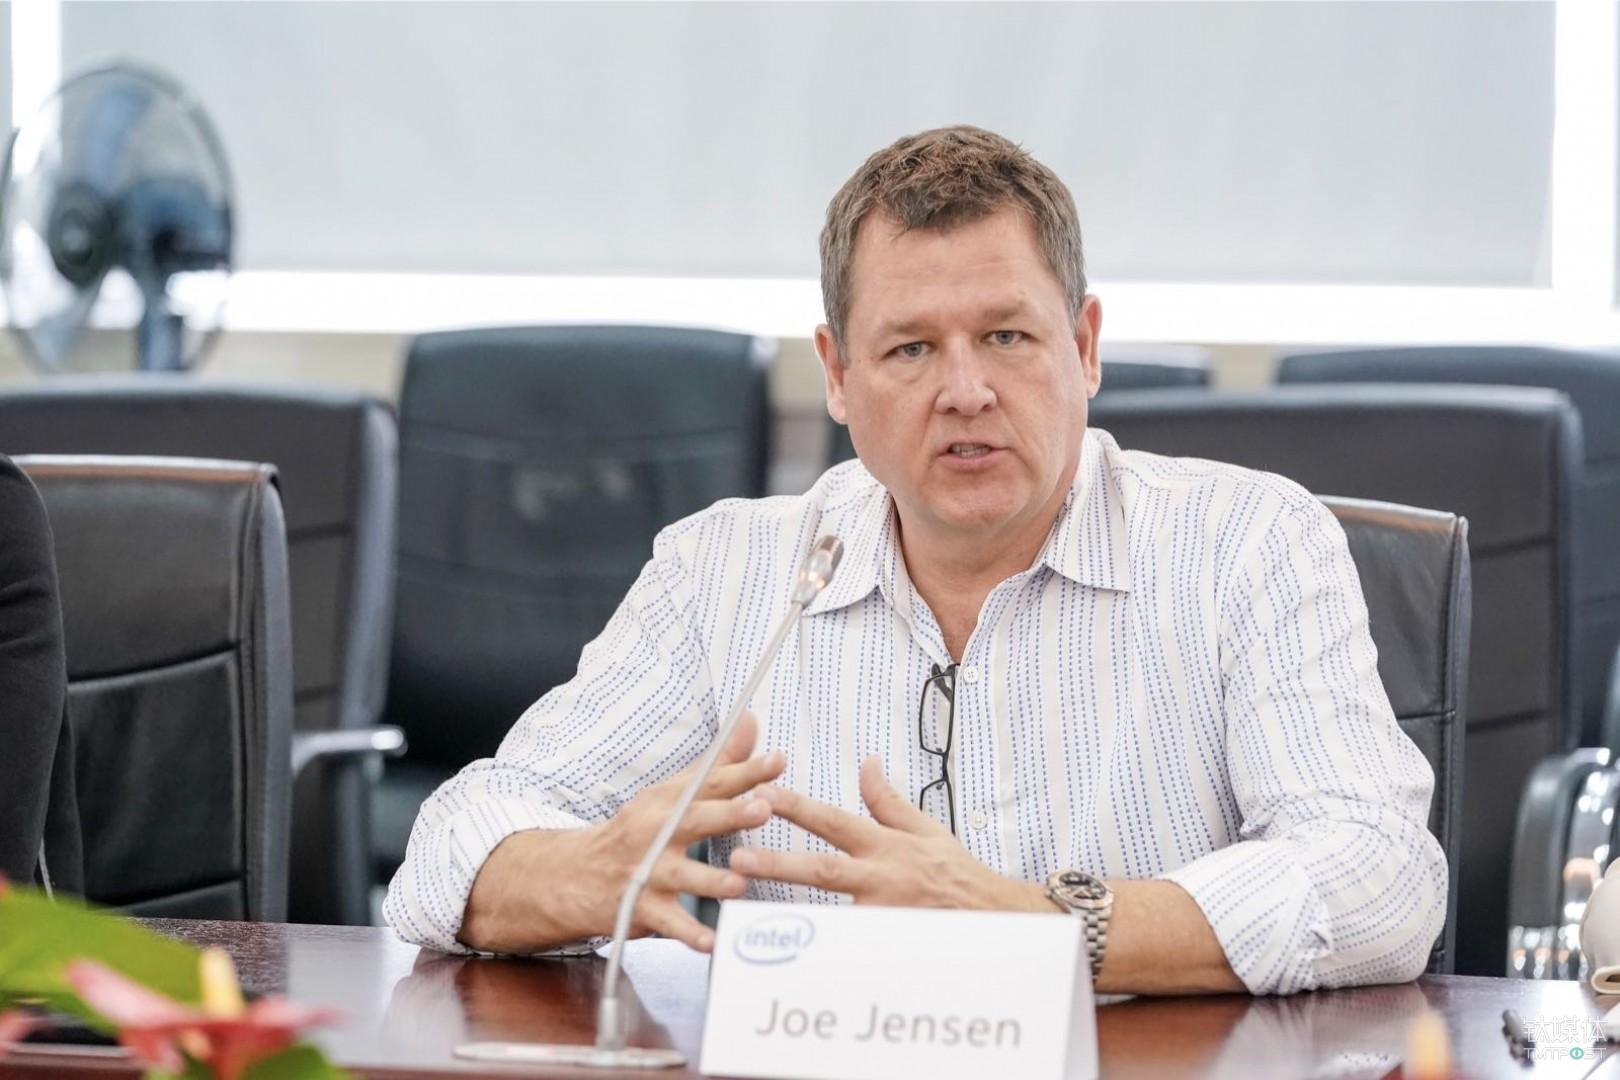 英特尔公司物联网事业部总裁兼零售解决方案部总经理 Joe Jensen